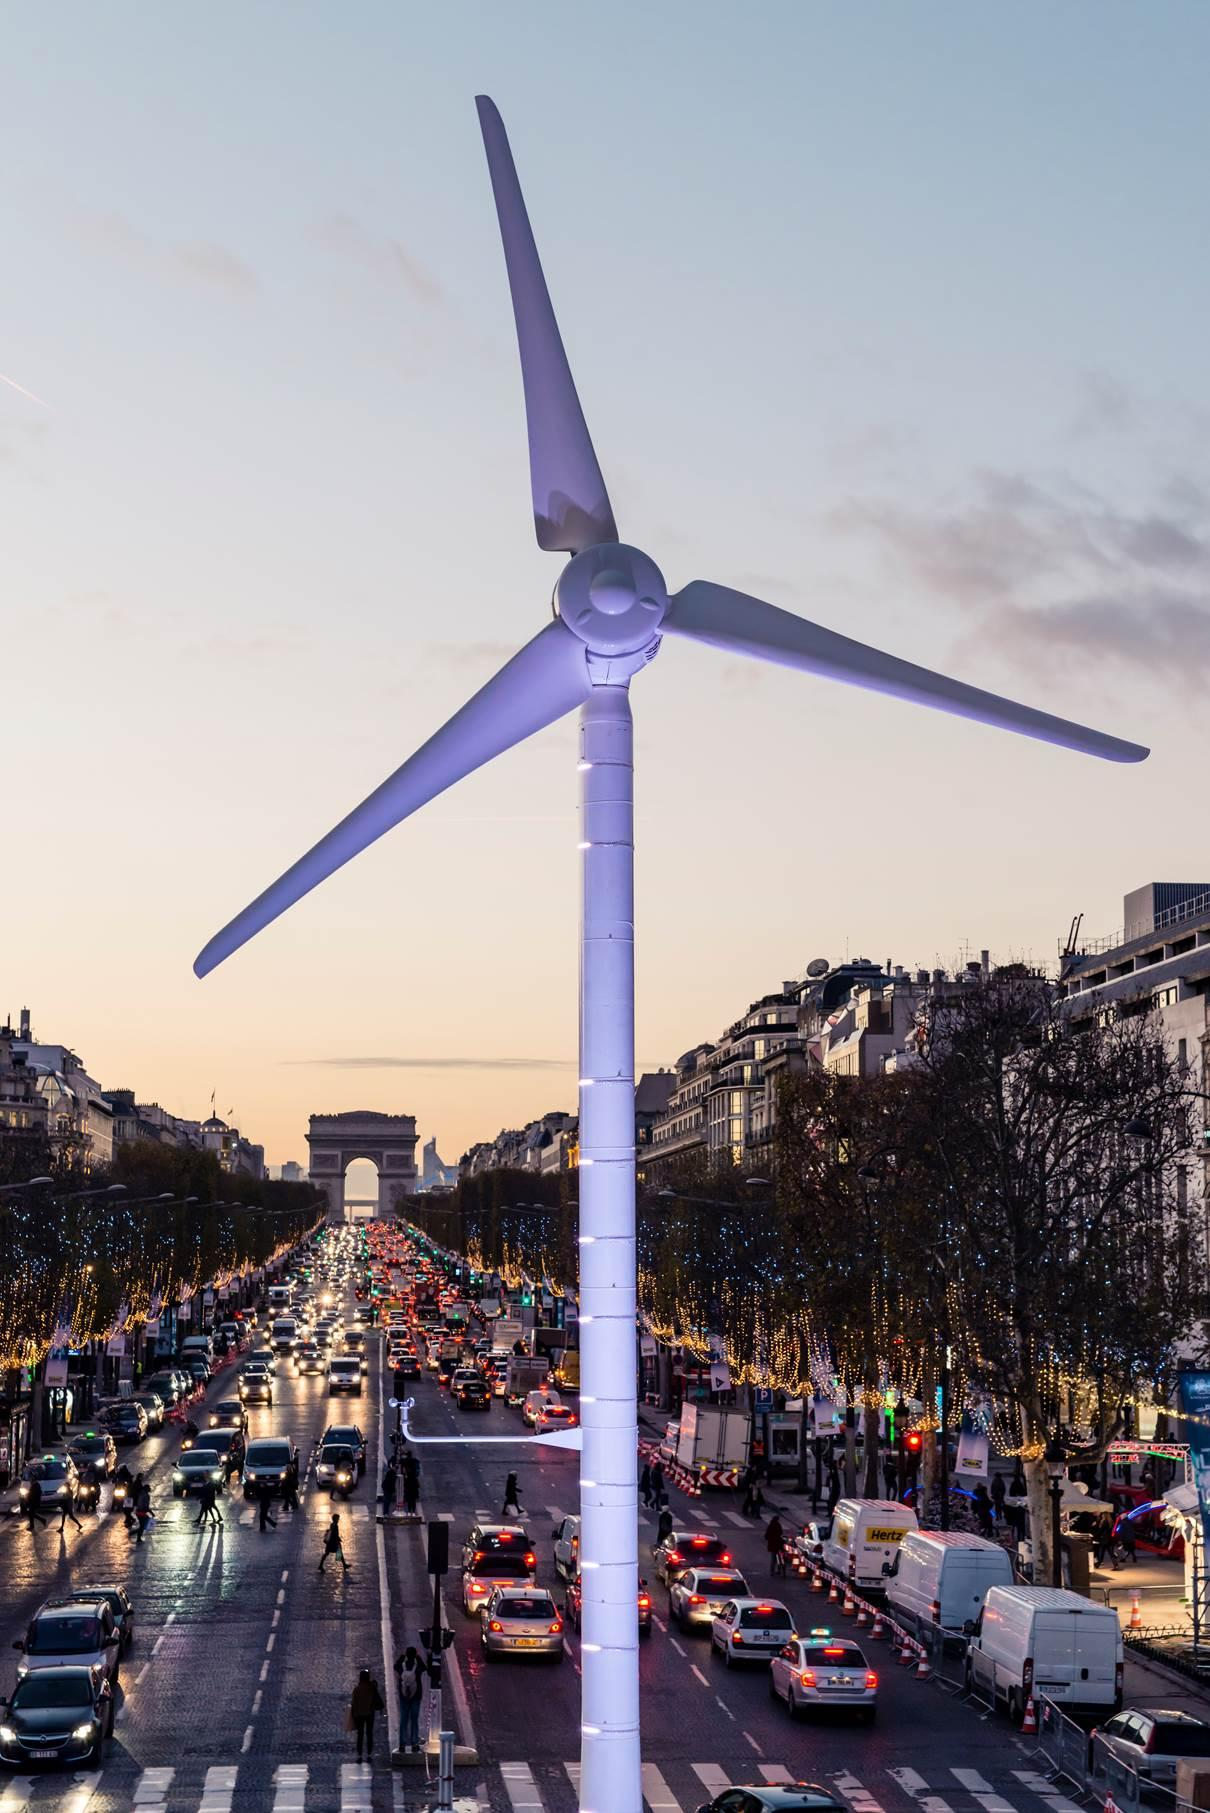 Une Eolienne de 20m de haut culmine au bout des champs élysées pour sensibiliser à la production d'énergies